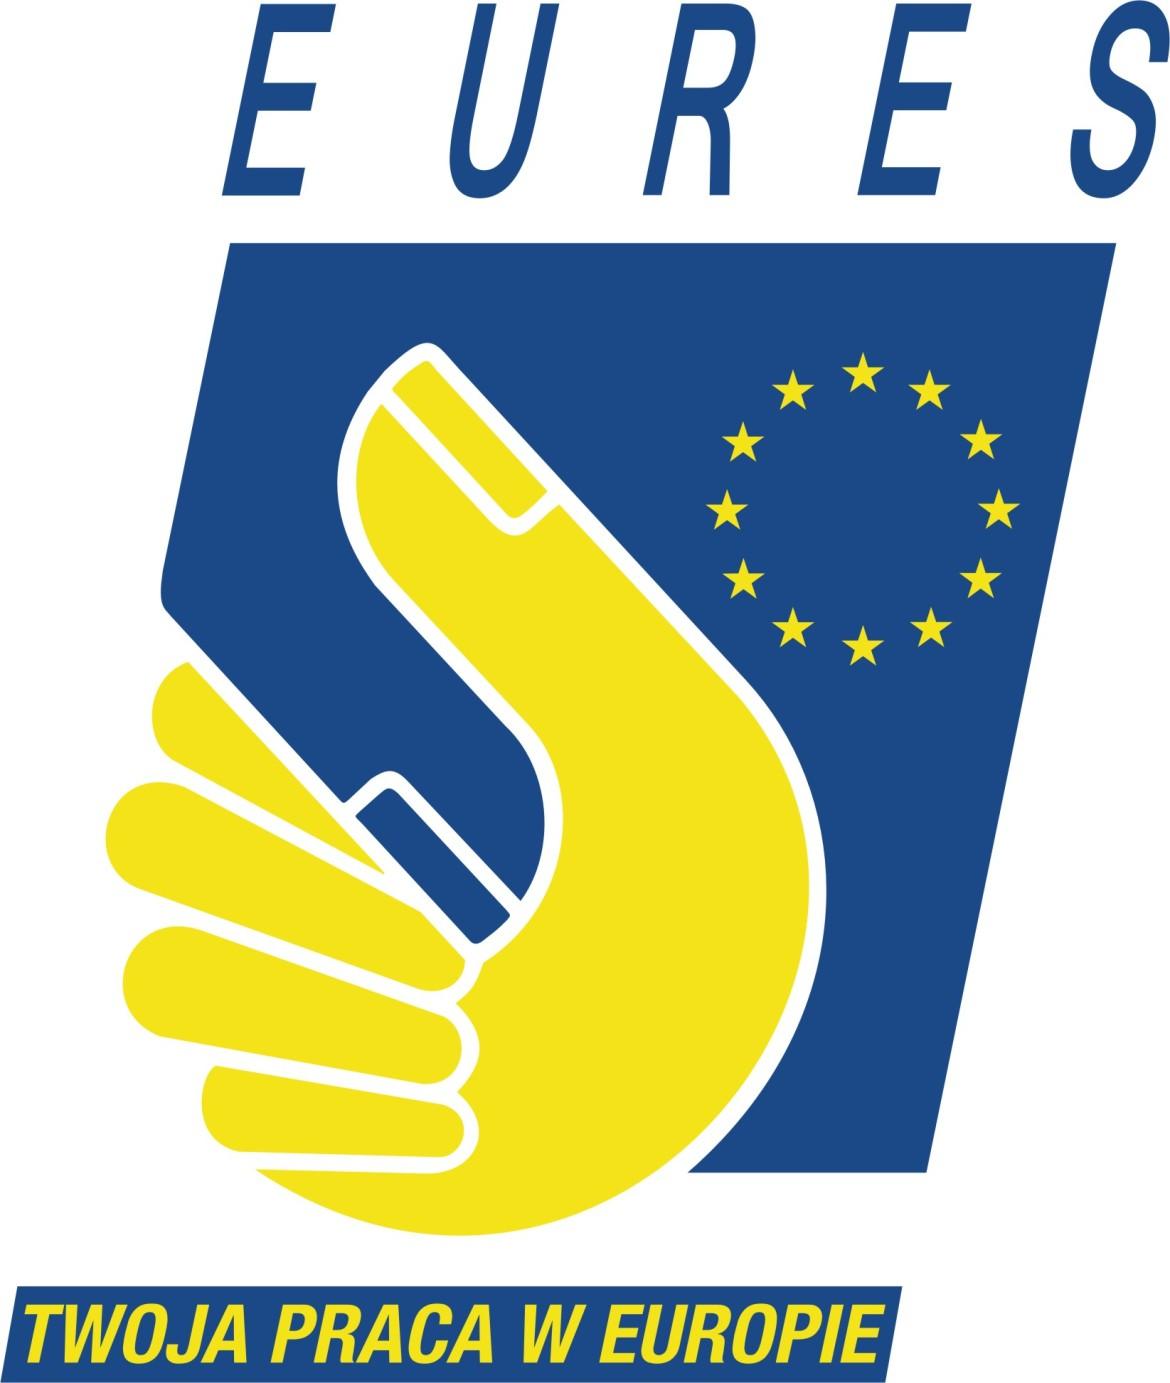 EURES - Twoja praca w Europie